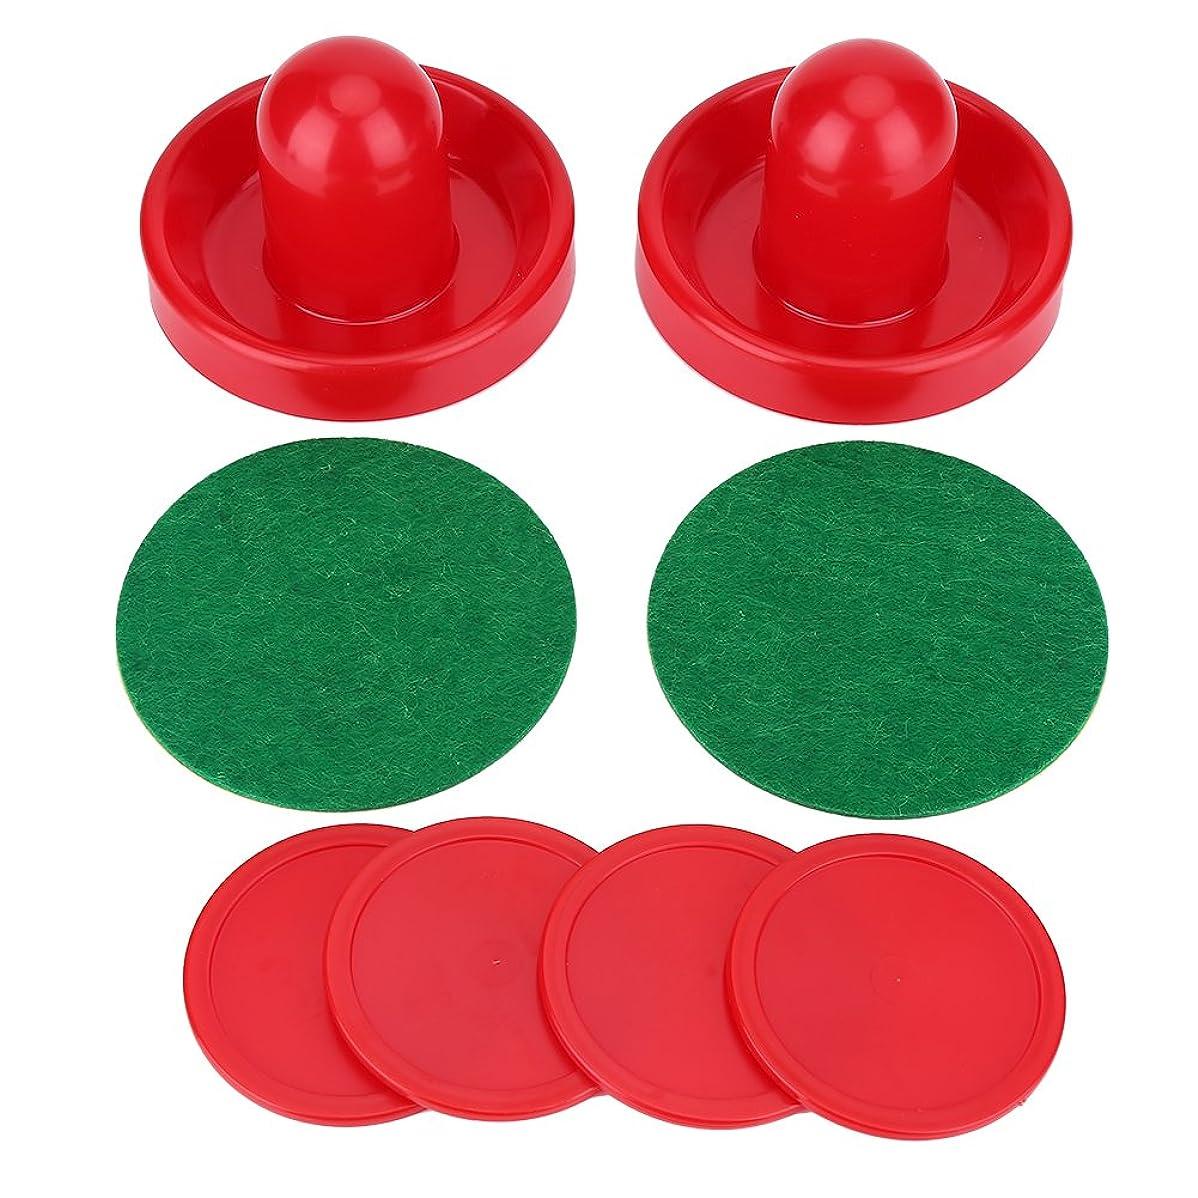 第五スナップ量アイスホッケー エアホッケー 部品 テーブルゴール キーパー 推進器 軽量 操作簡単 交換用 テーブル対戦ゲーム